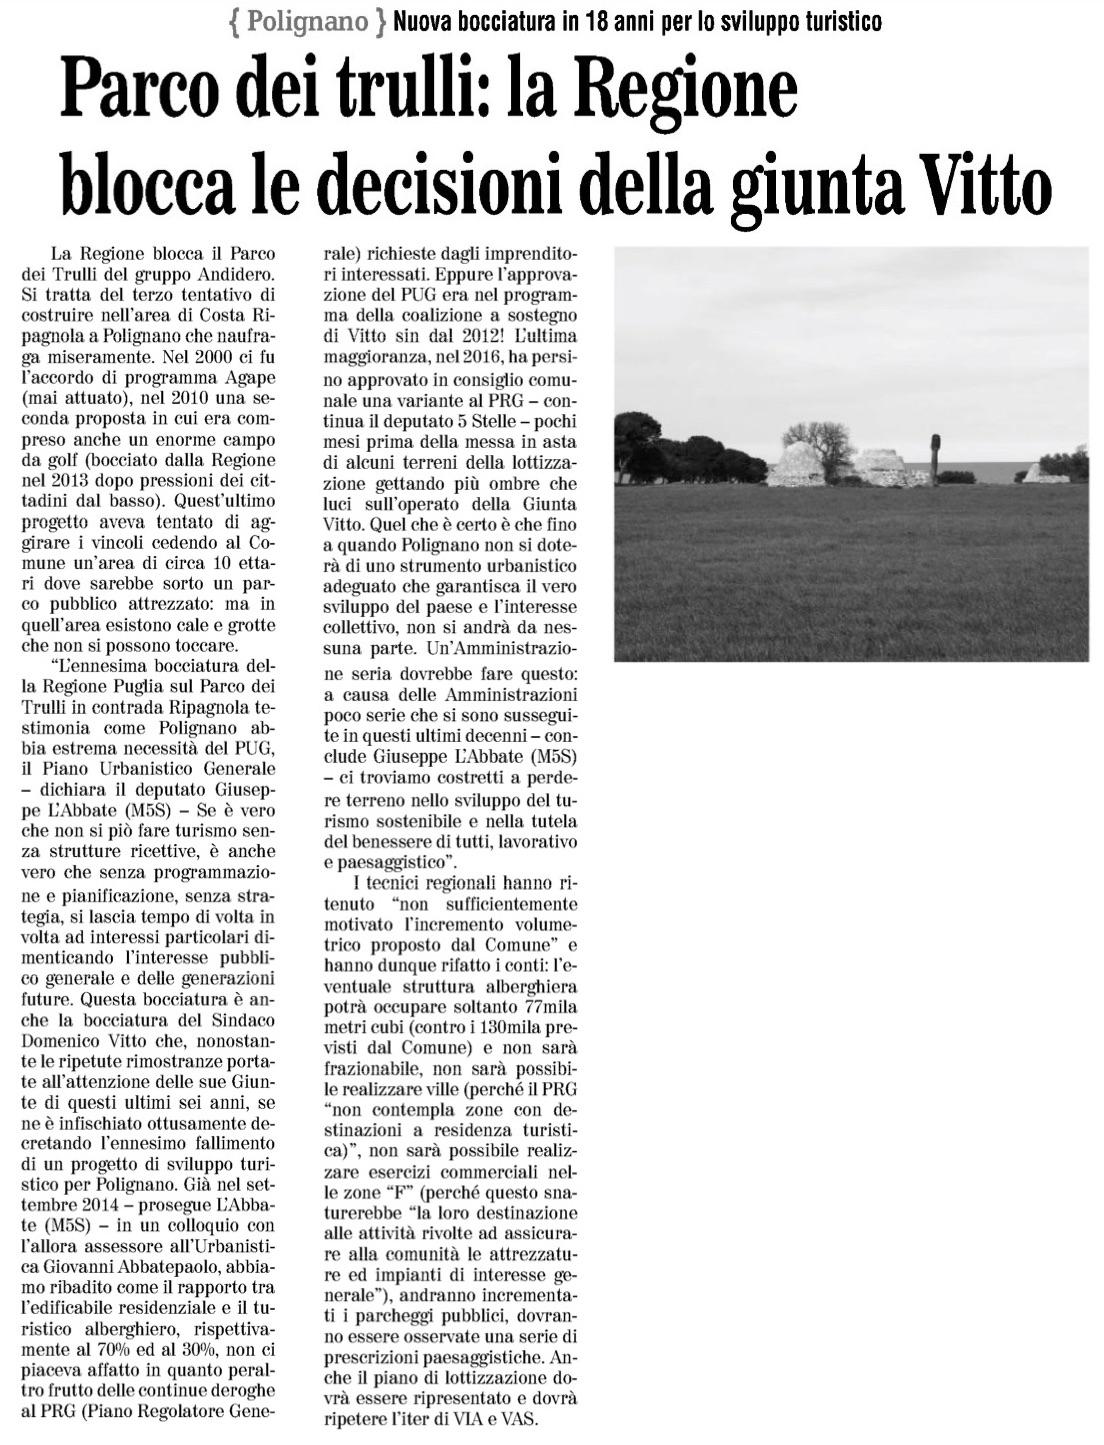 Il Quotidiano di Bari - 05.01.2018